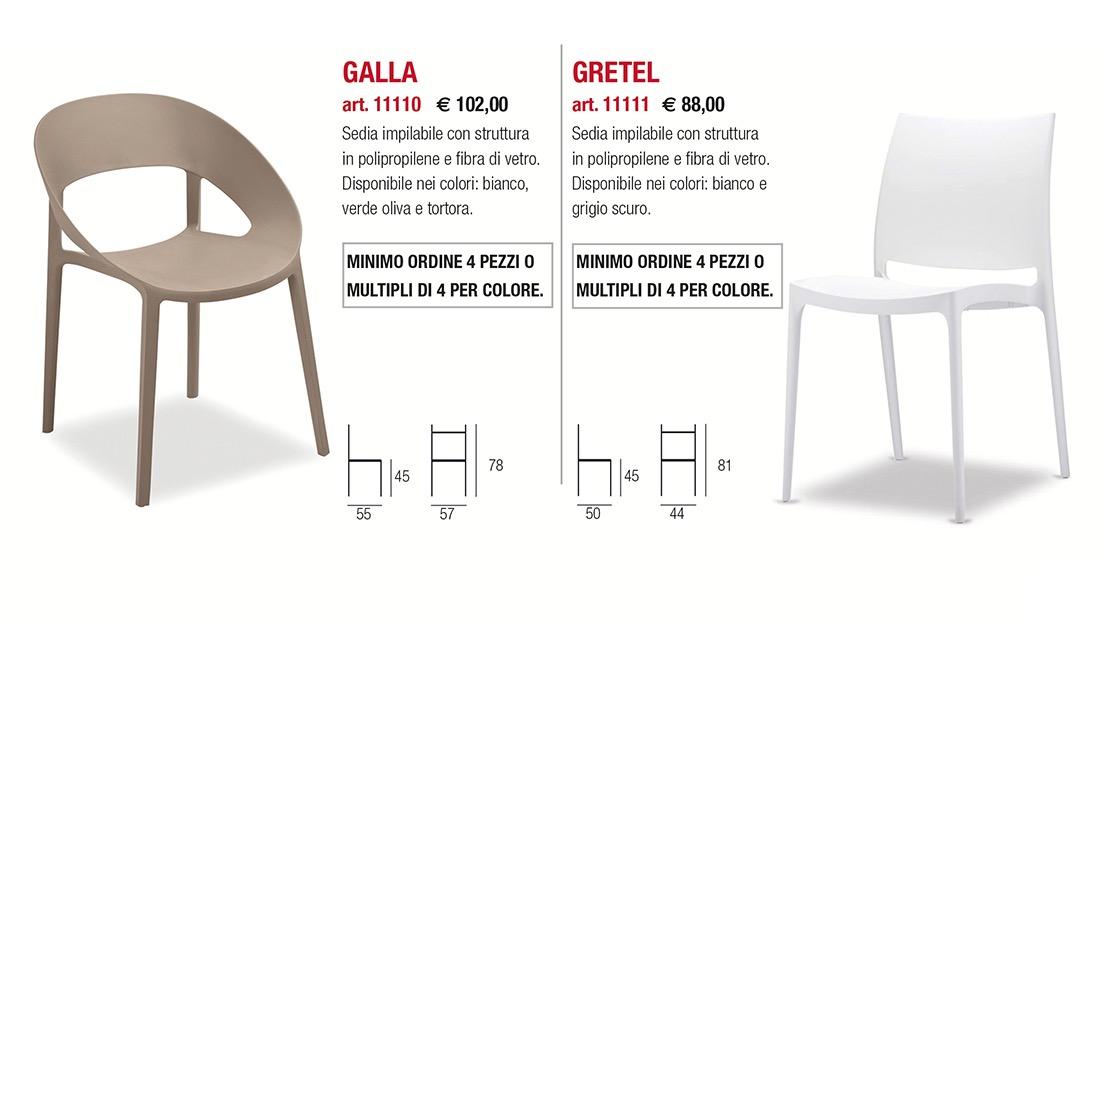 Sedie Via Corelli Milano.La Nova Sedia Sedie Pieghevoli Sgabelli Tavoli Poltrone